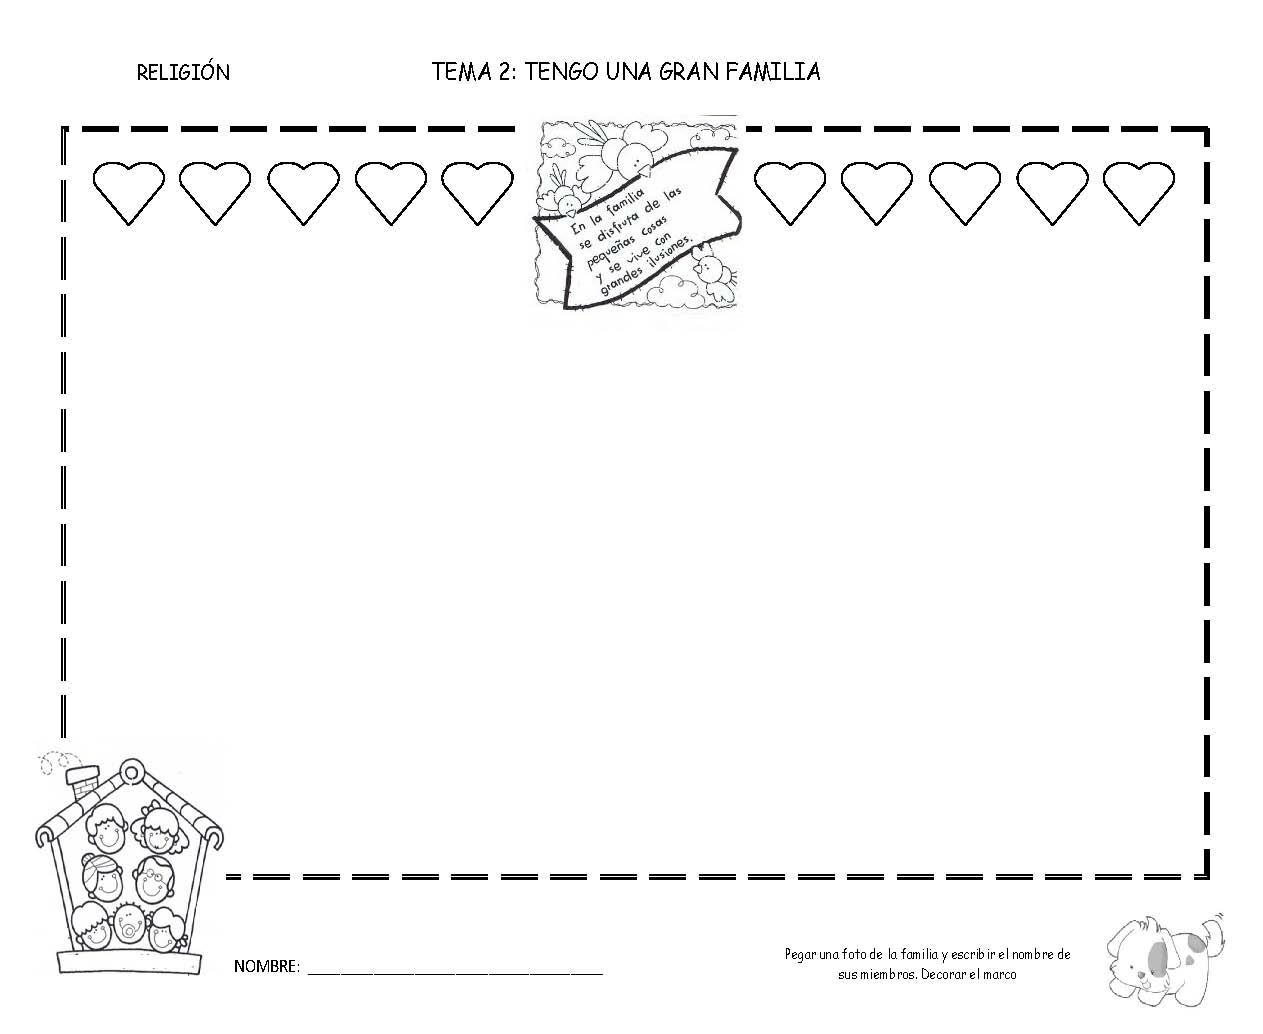 Aprendemos en reli tengo una gran familia infantil 3 a os for Mural una familia chicana